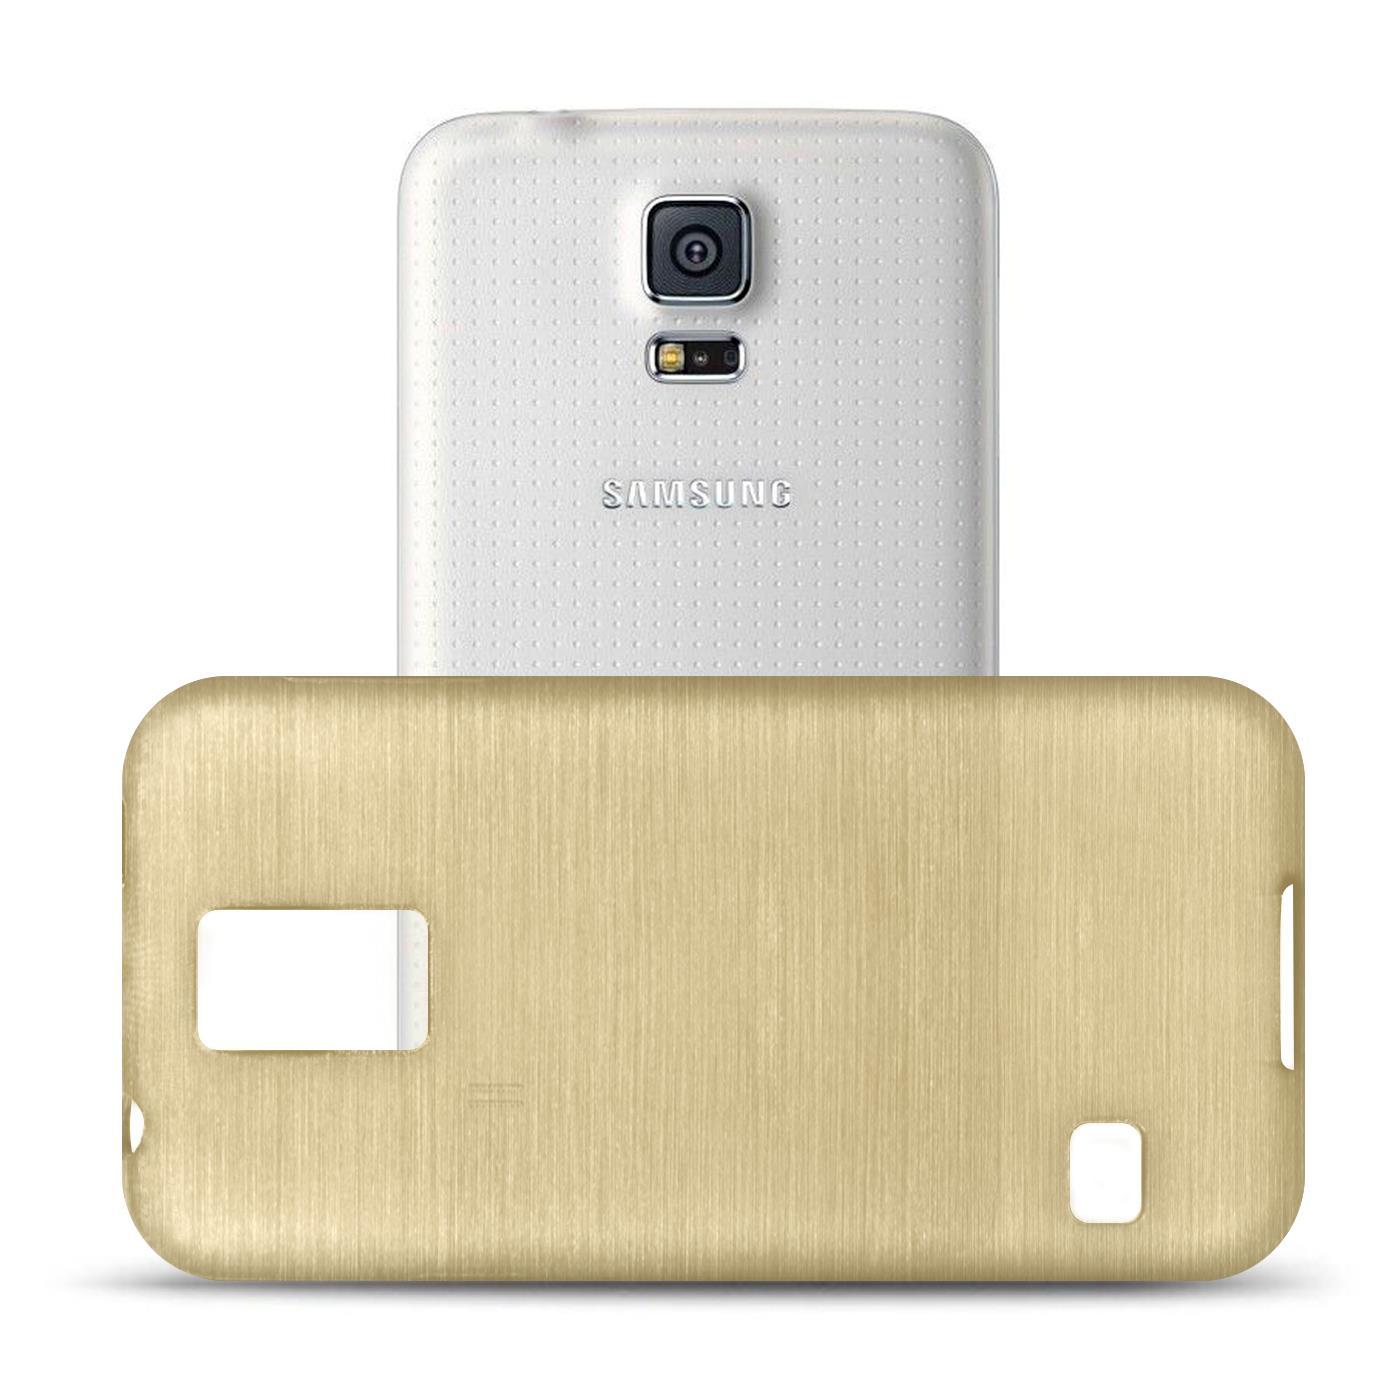 Silikon-Bumper-Case-Samsung-Galaxy-s5-Neo-duenne-ultra-slim-Stossfeste-Rueckschale Indexbild 16